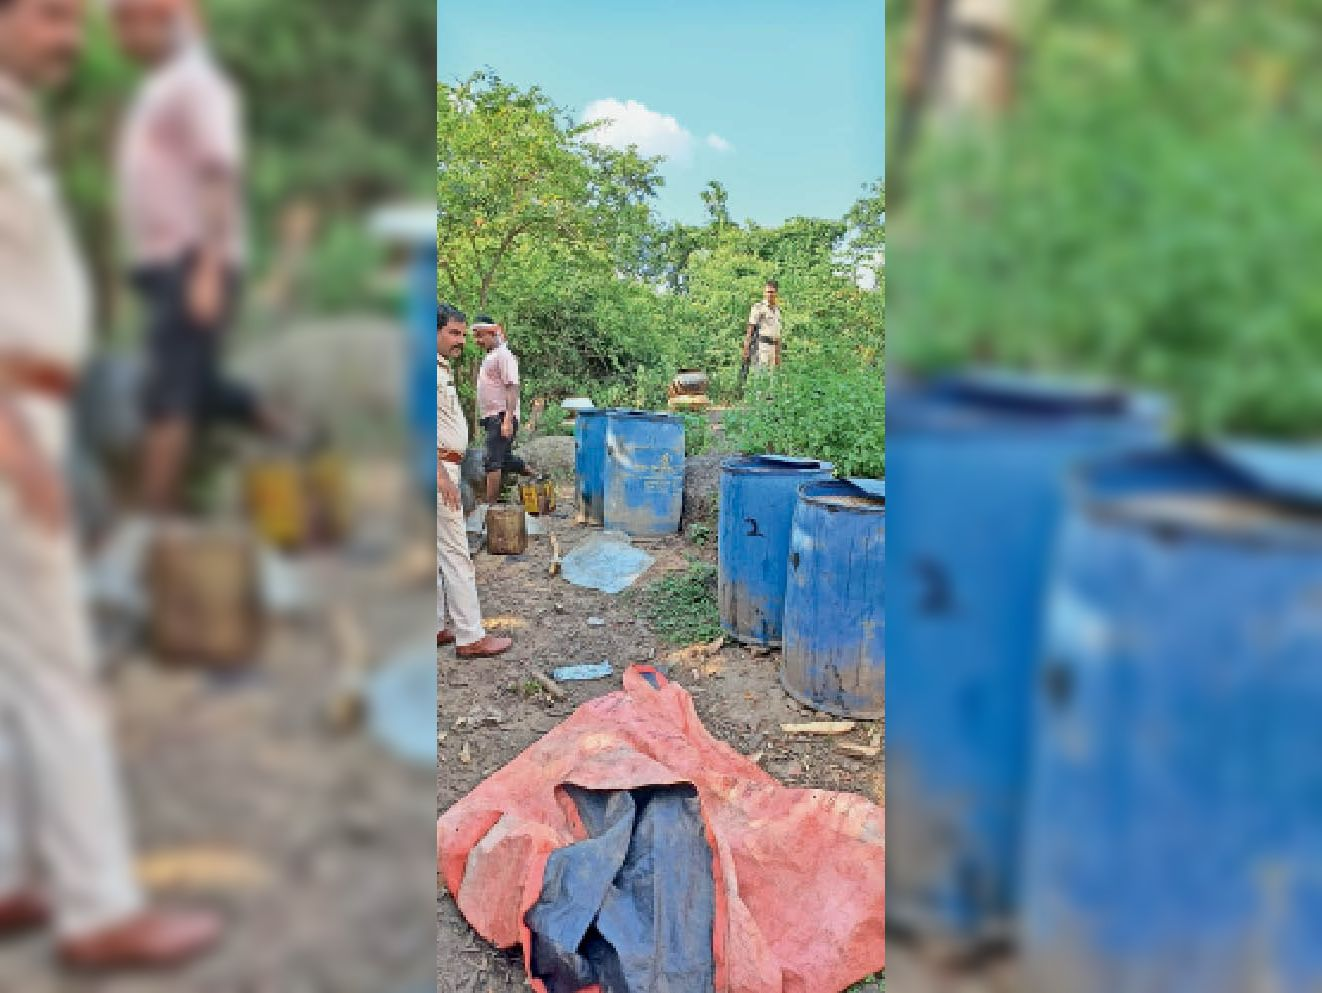 छापेमारी में महुआ शराब बरामद करते पुलिस के जवान। - Dainik Bhaskar